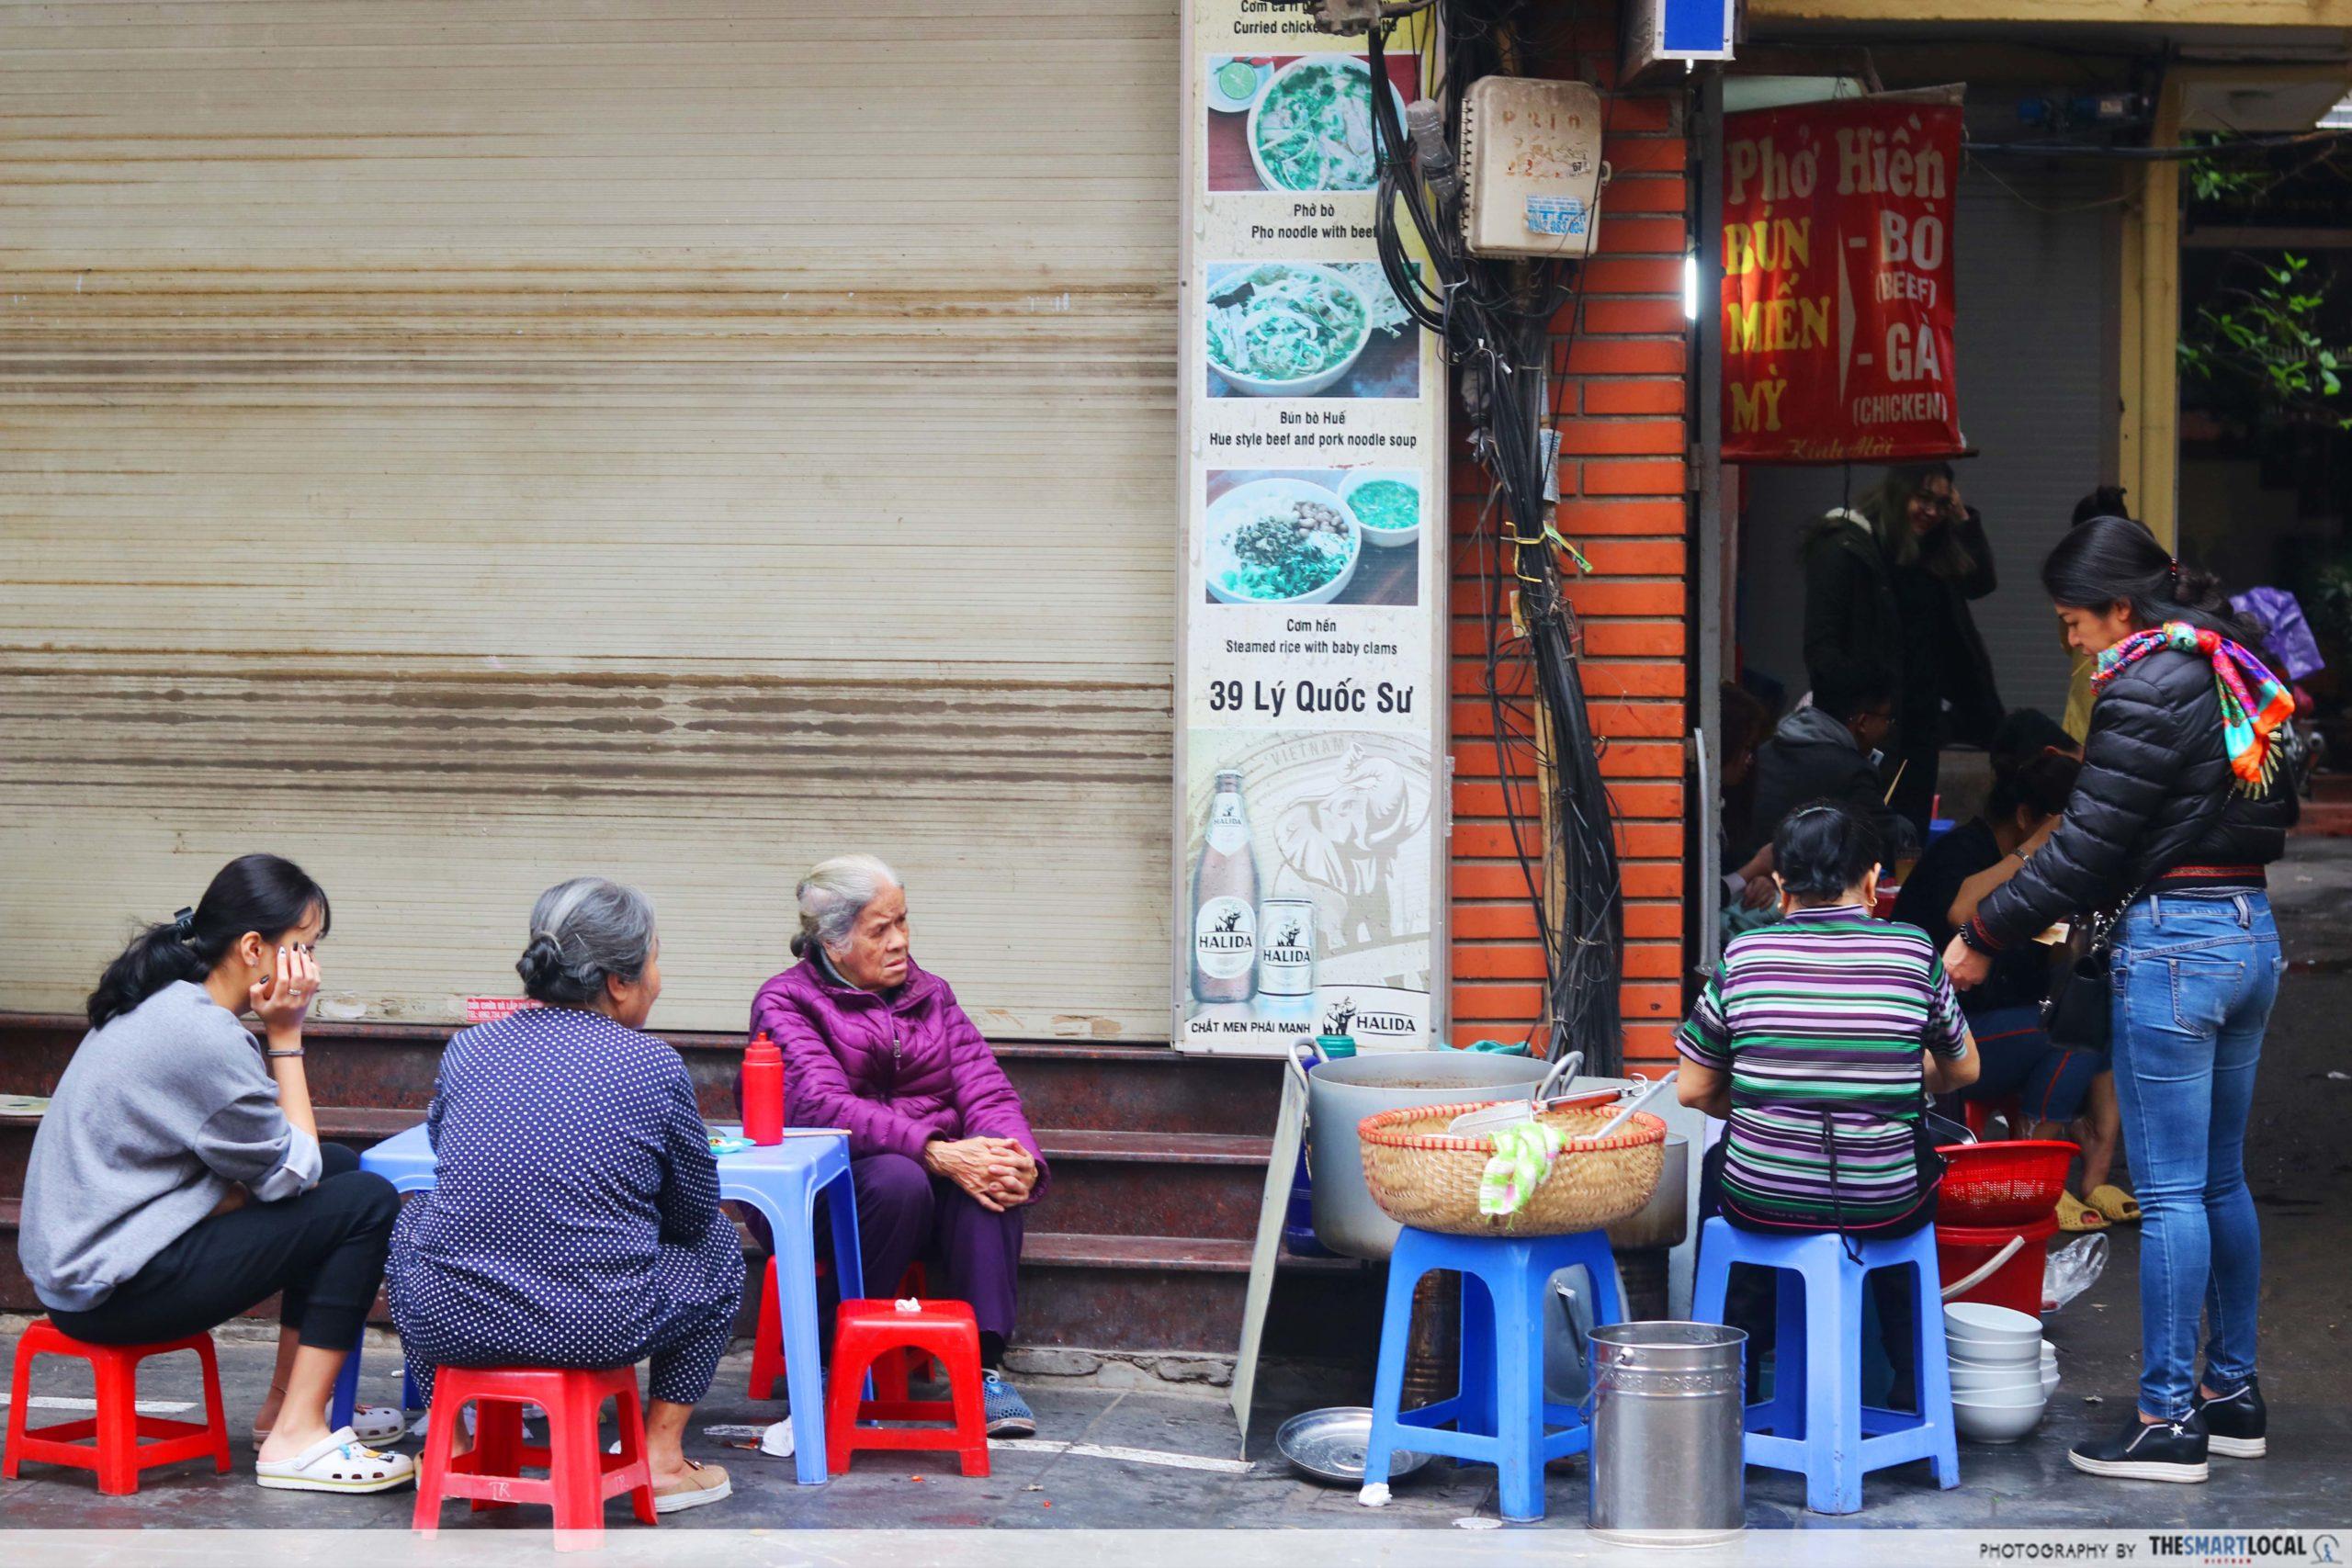 Hanoi Old Quarters - Ly Quoc Su St